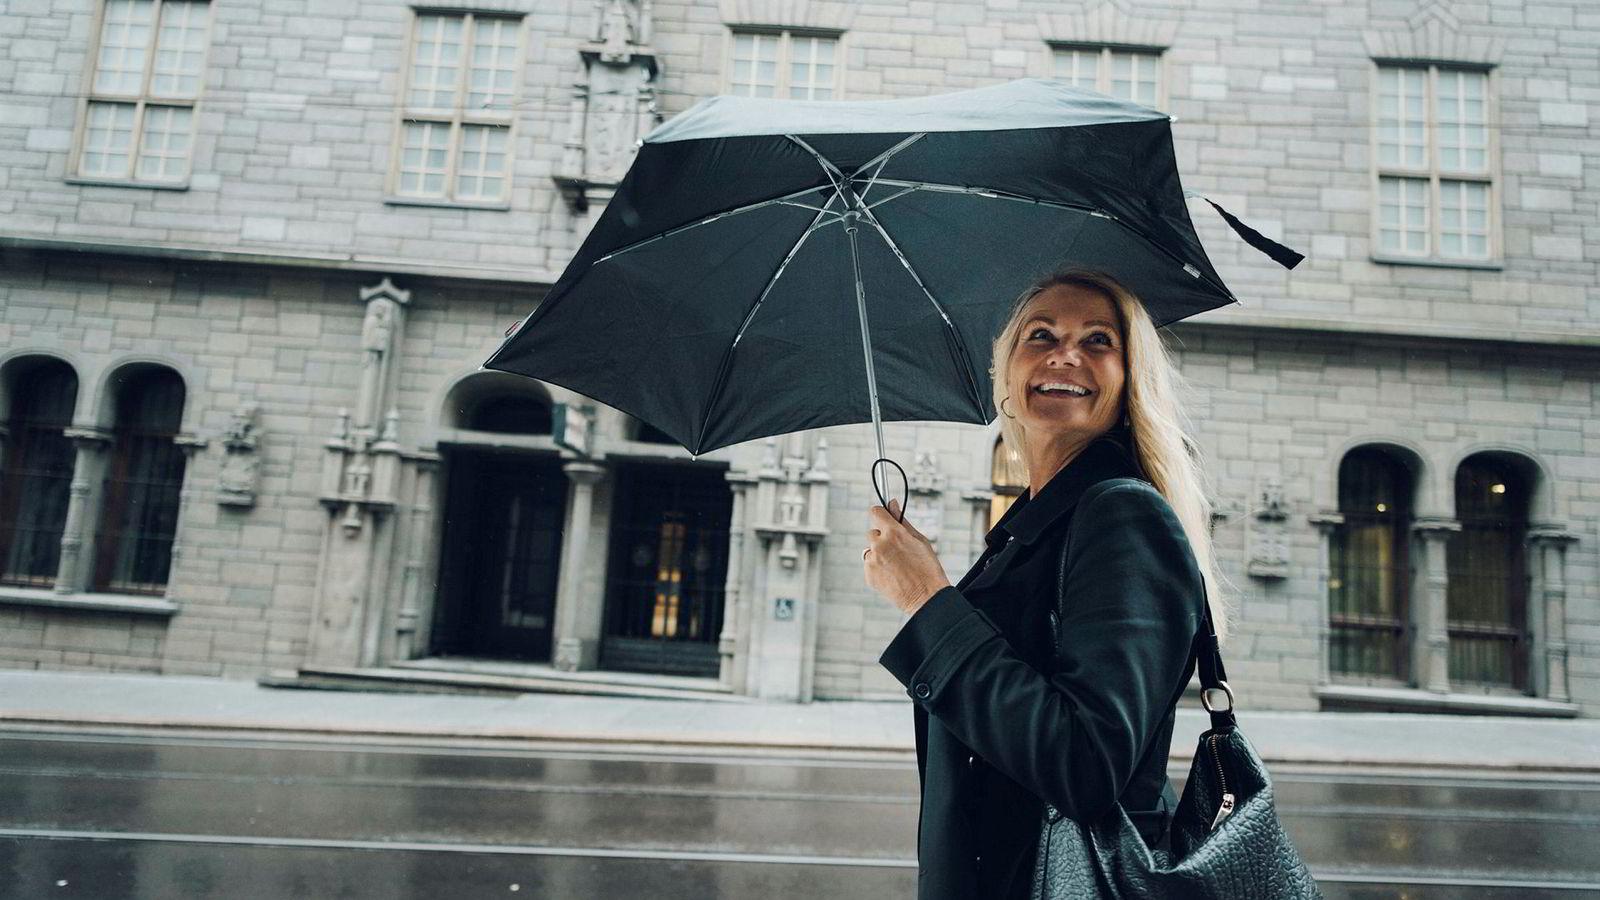 Markedet for tv-reklame fortsetter å falle. Daglig leder Merete Mandt Larsen i Mediebyråforeningen regner med internettannonsering går forbi tv-gruppen om kort tid.